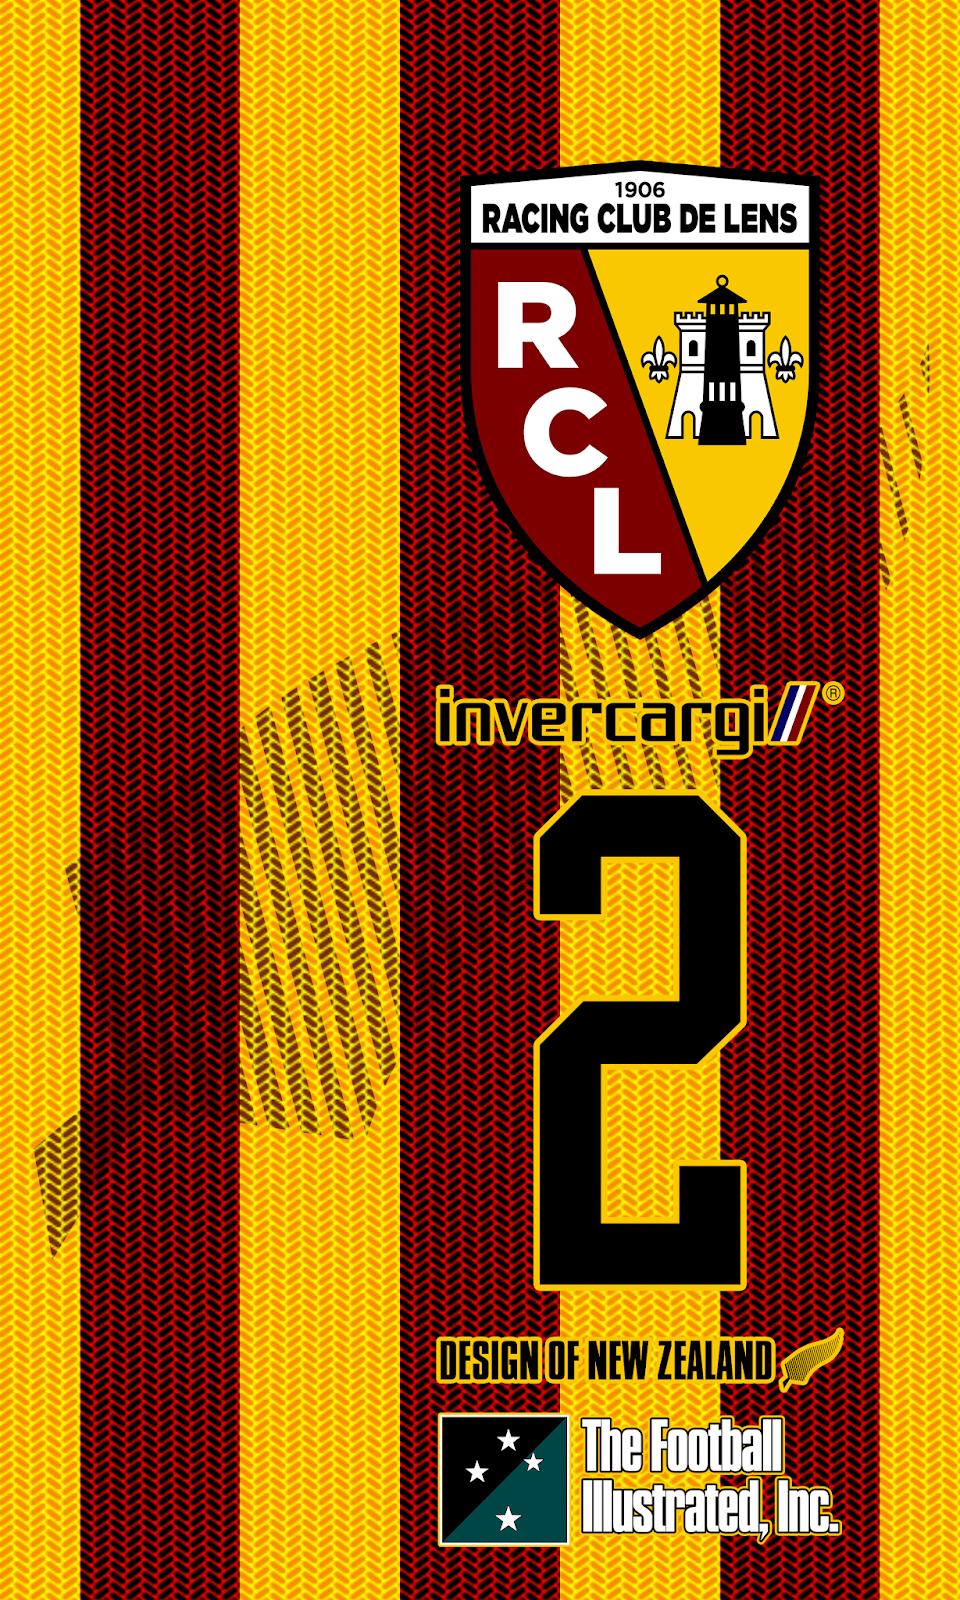 Wallpaper Racing Club De Lens Rc Lens Football Wallpaper France Wallpaper